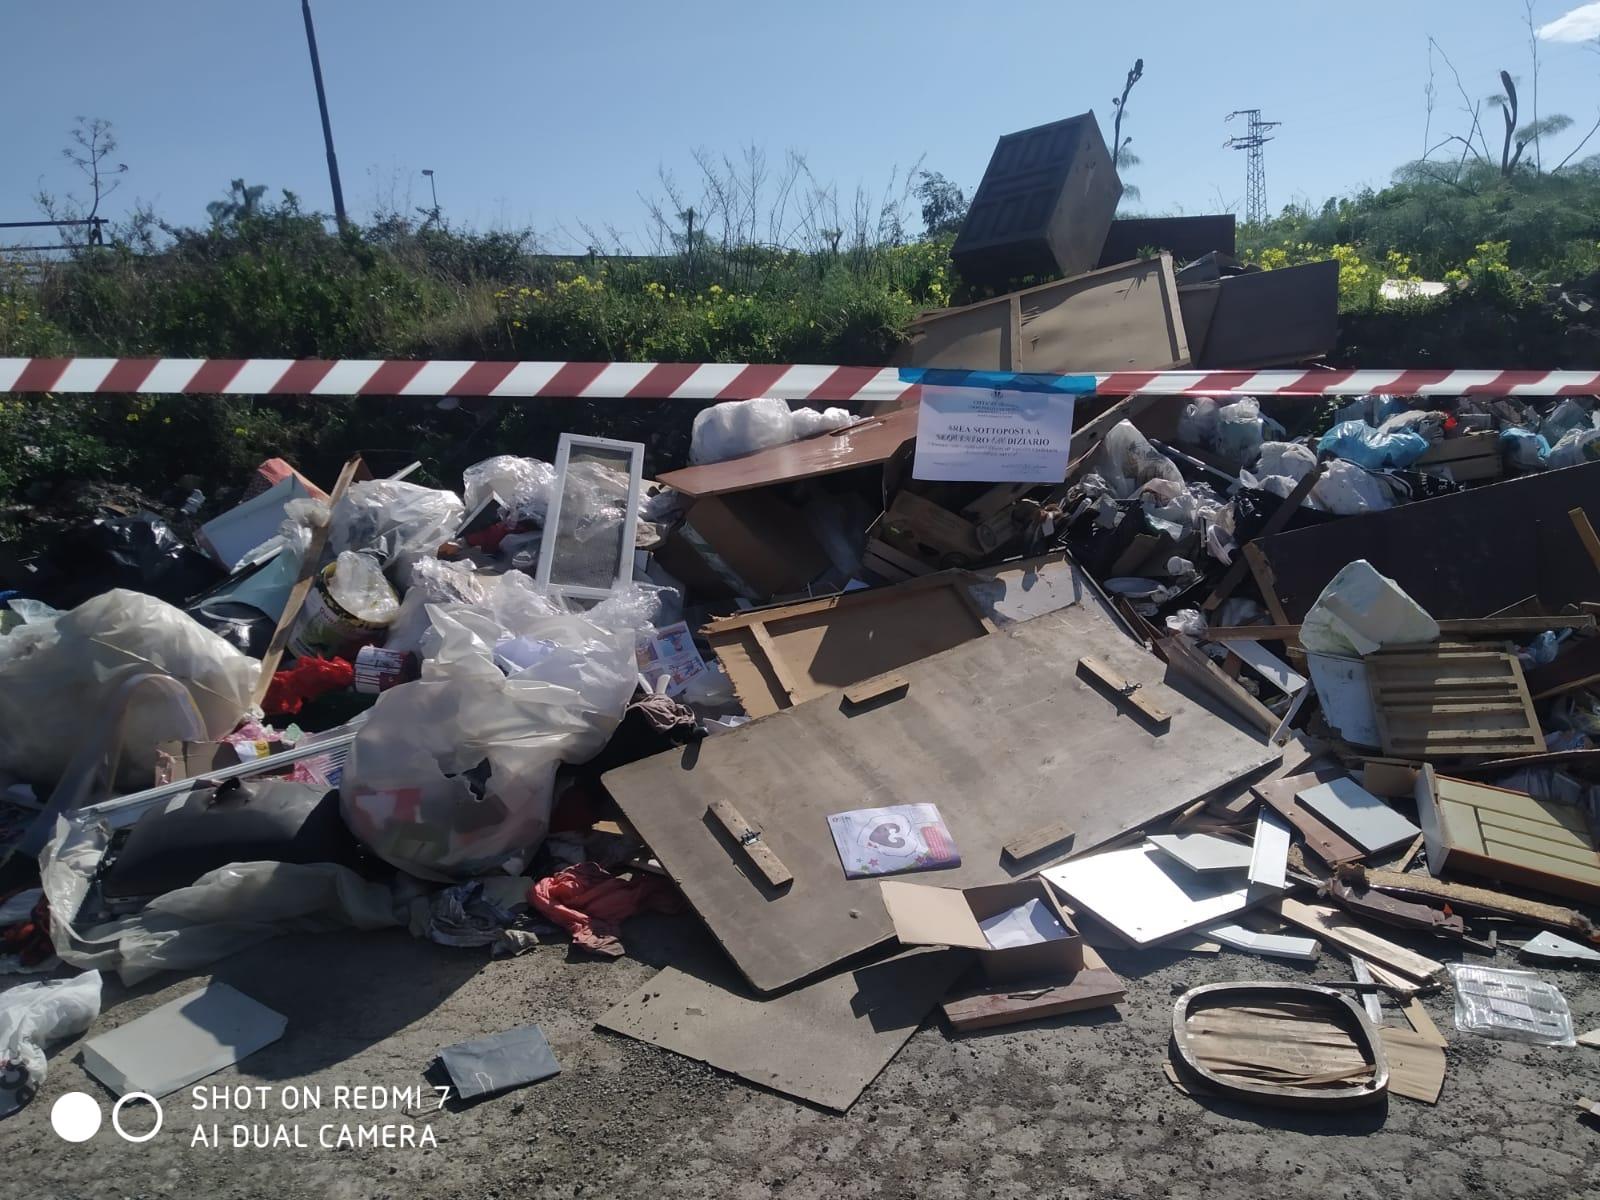 Abbandono rifiuti, in 2 settimane denunciate decine di persone